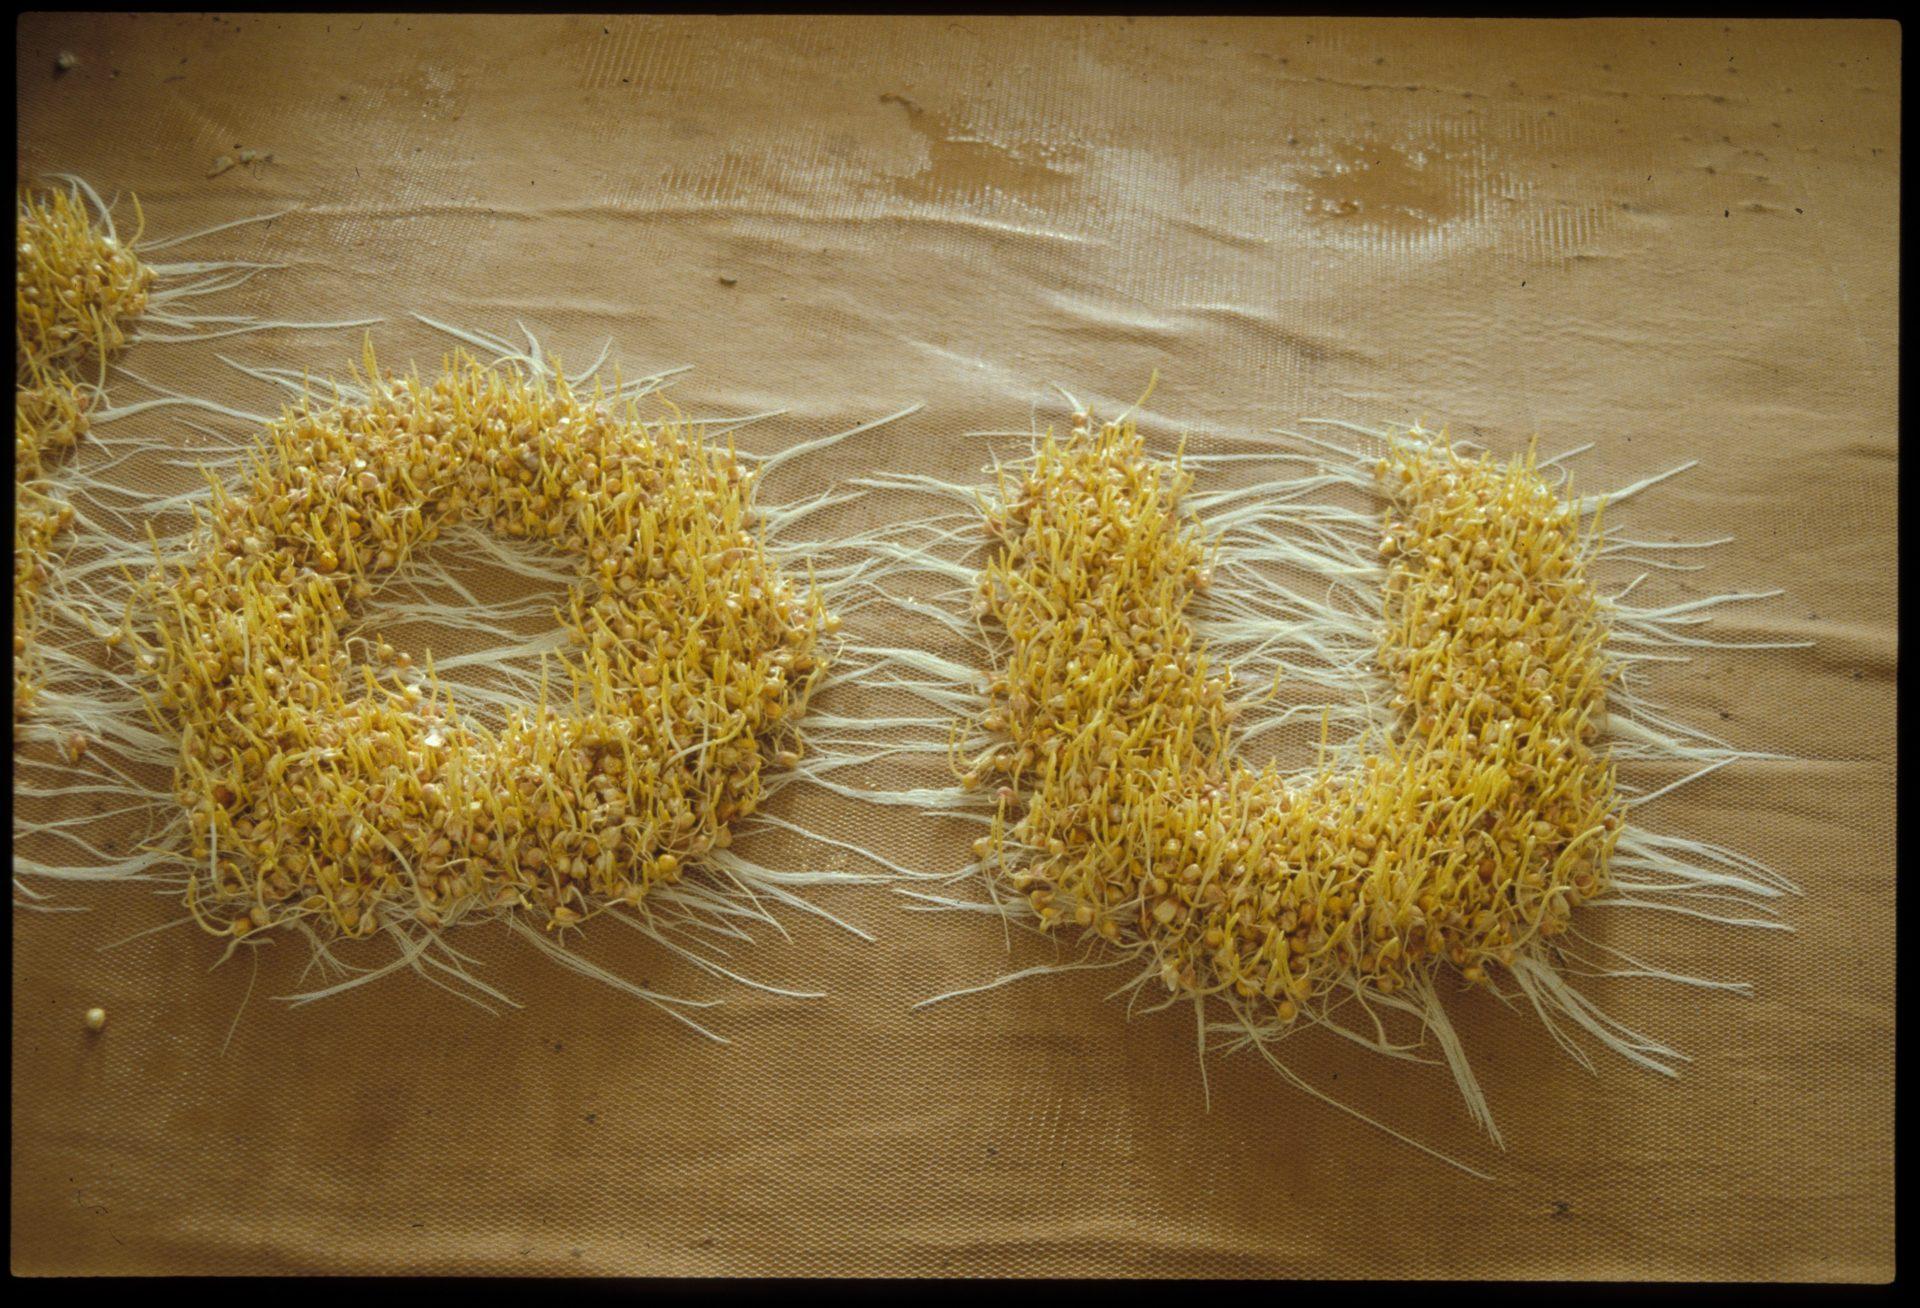 Corn005